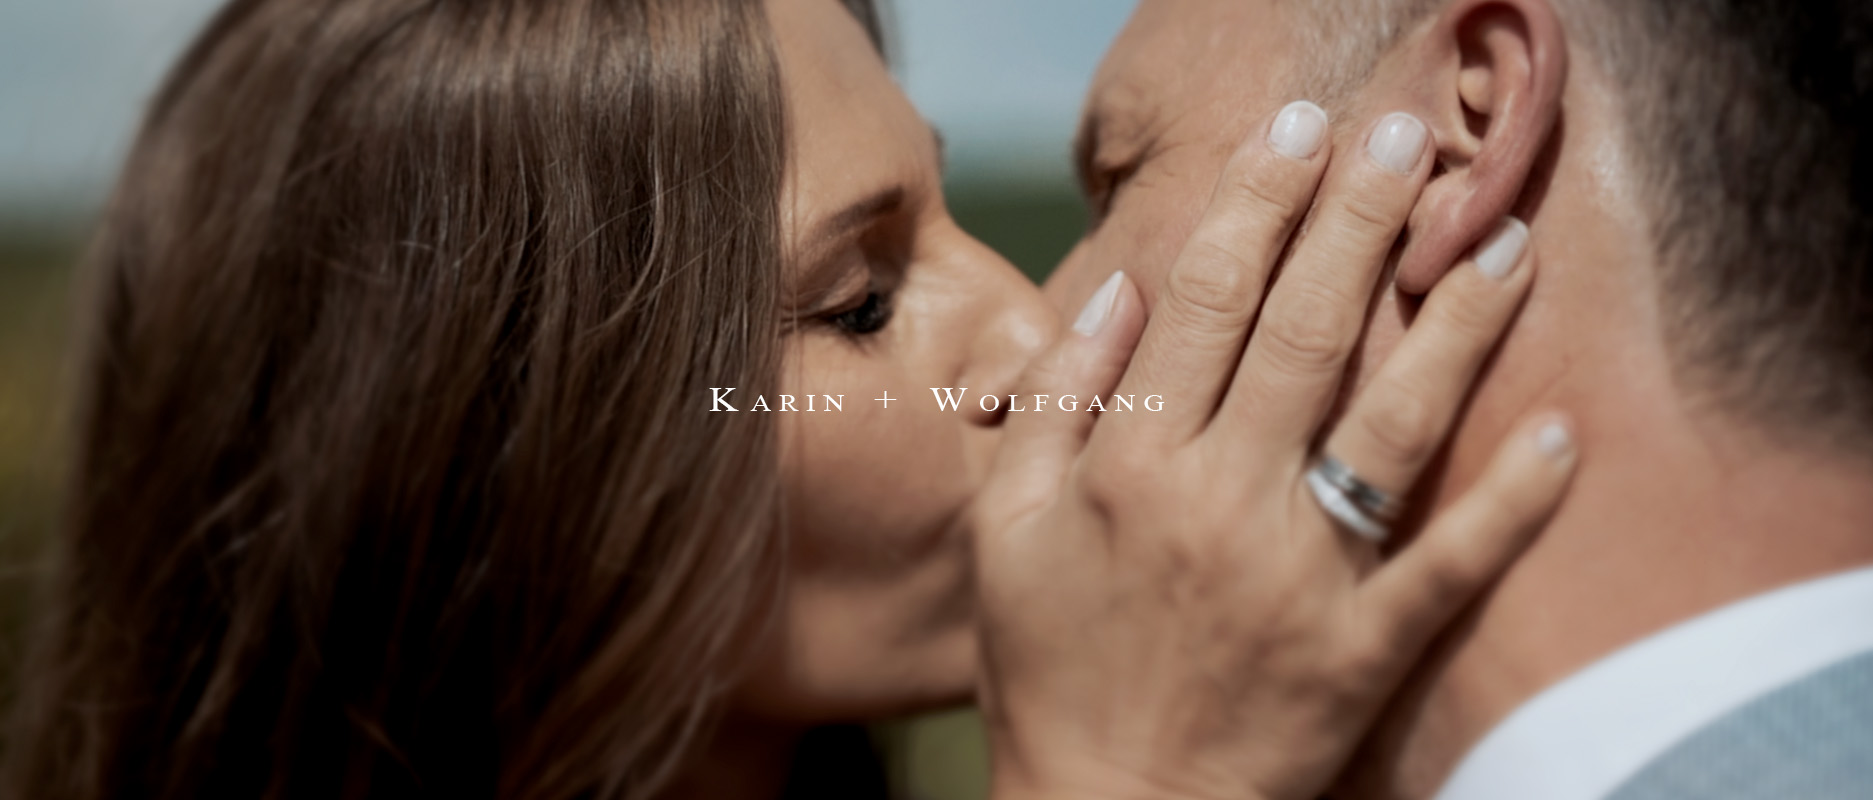 Karin + Wolfgang | Upper Austria, Austria | a Farmhouse